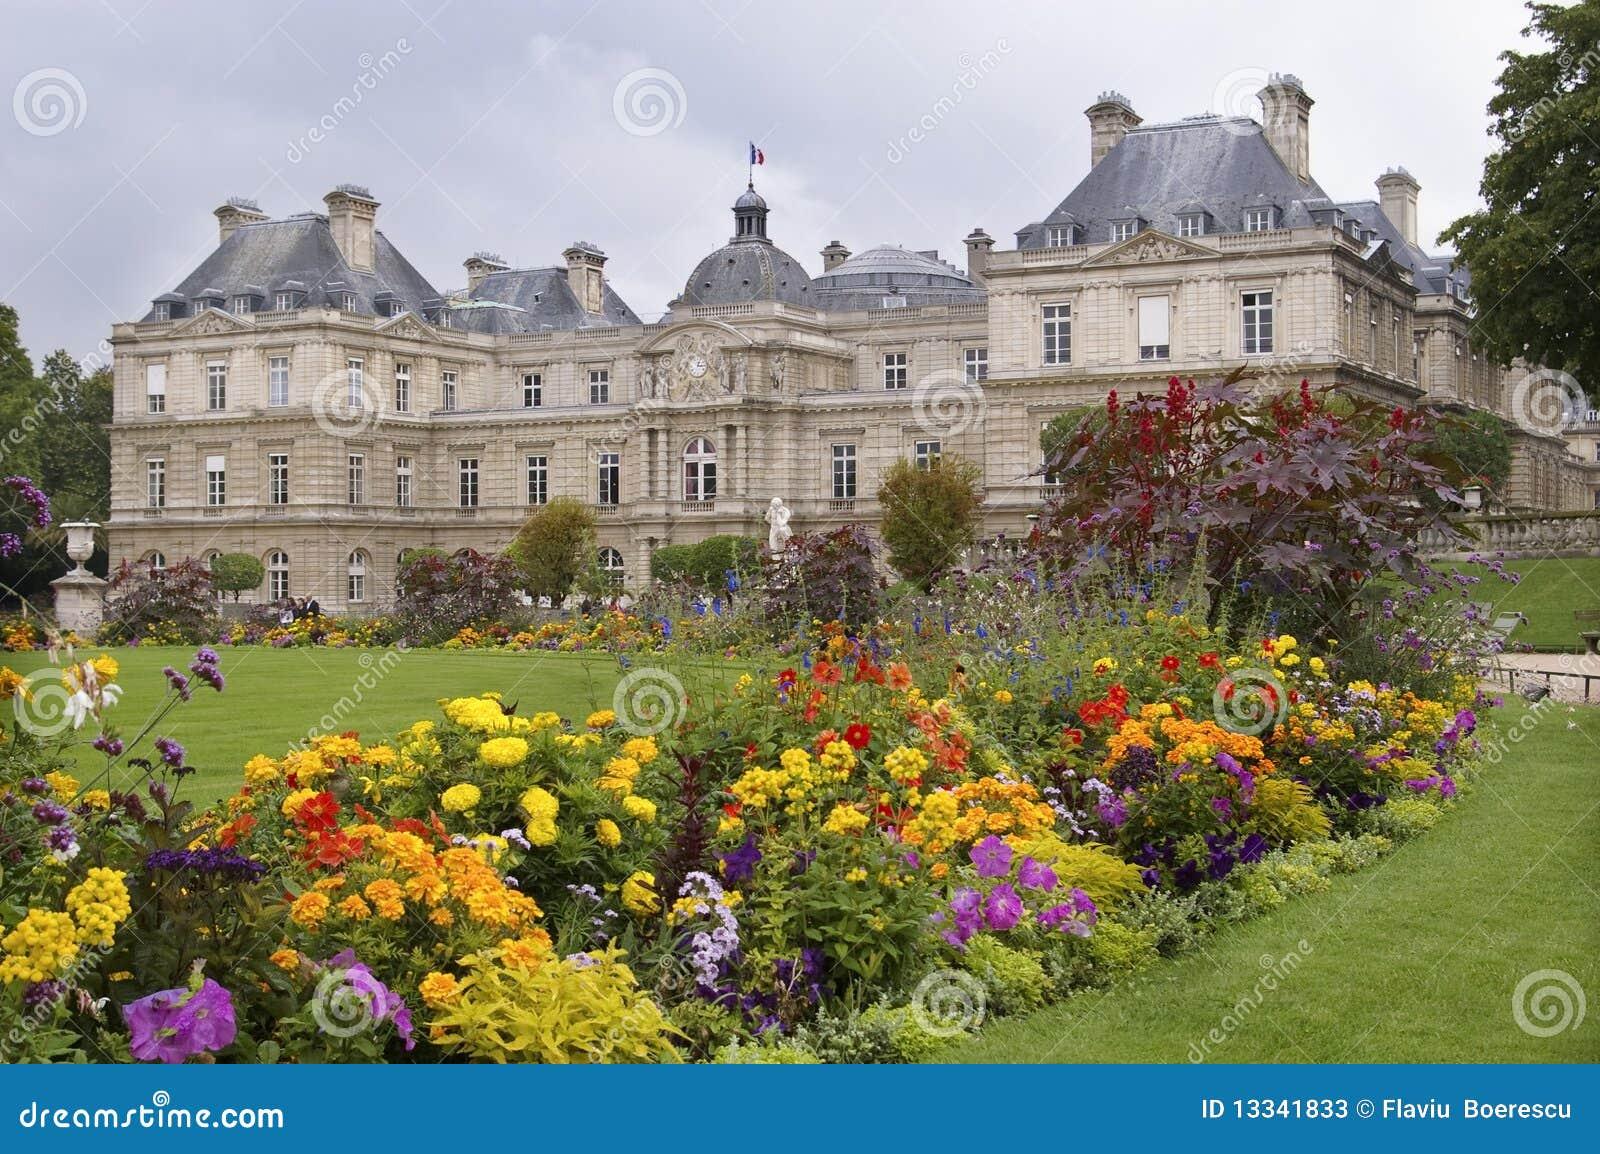 Stationnement dans le jardin luxembourg de paris image - Station metro jardin du luxembourg ...